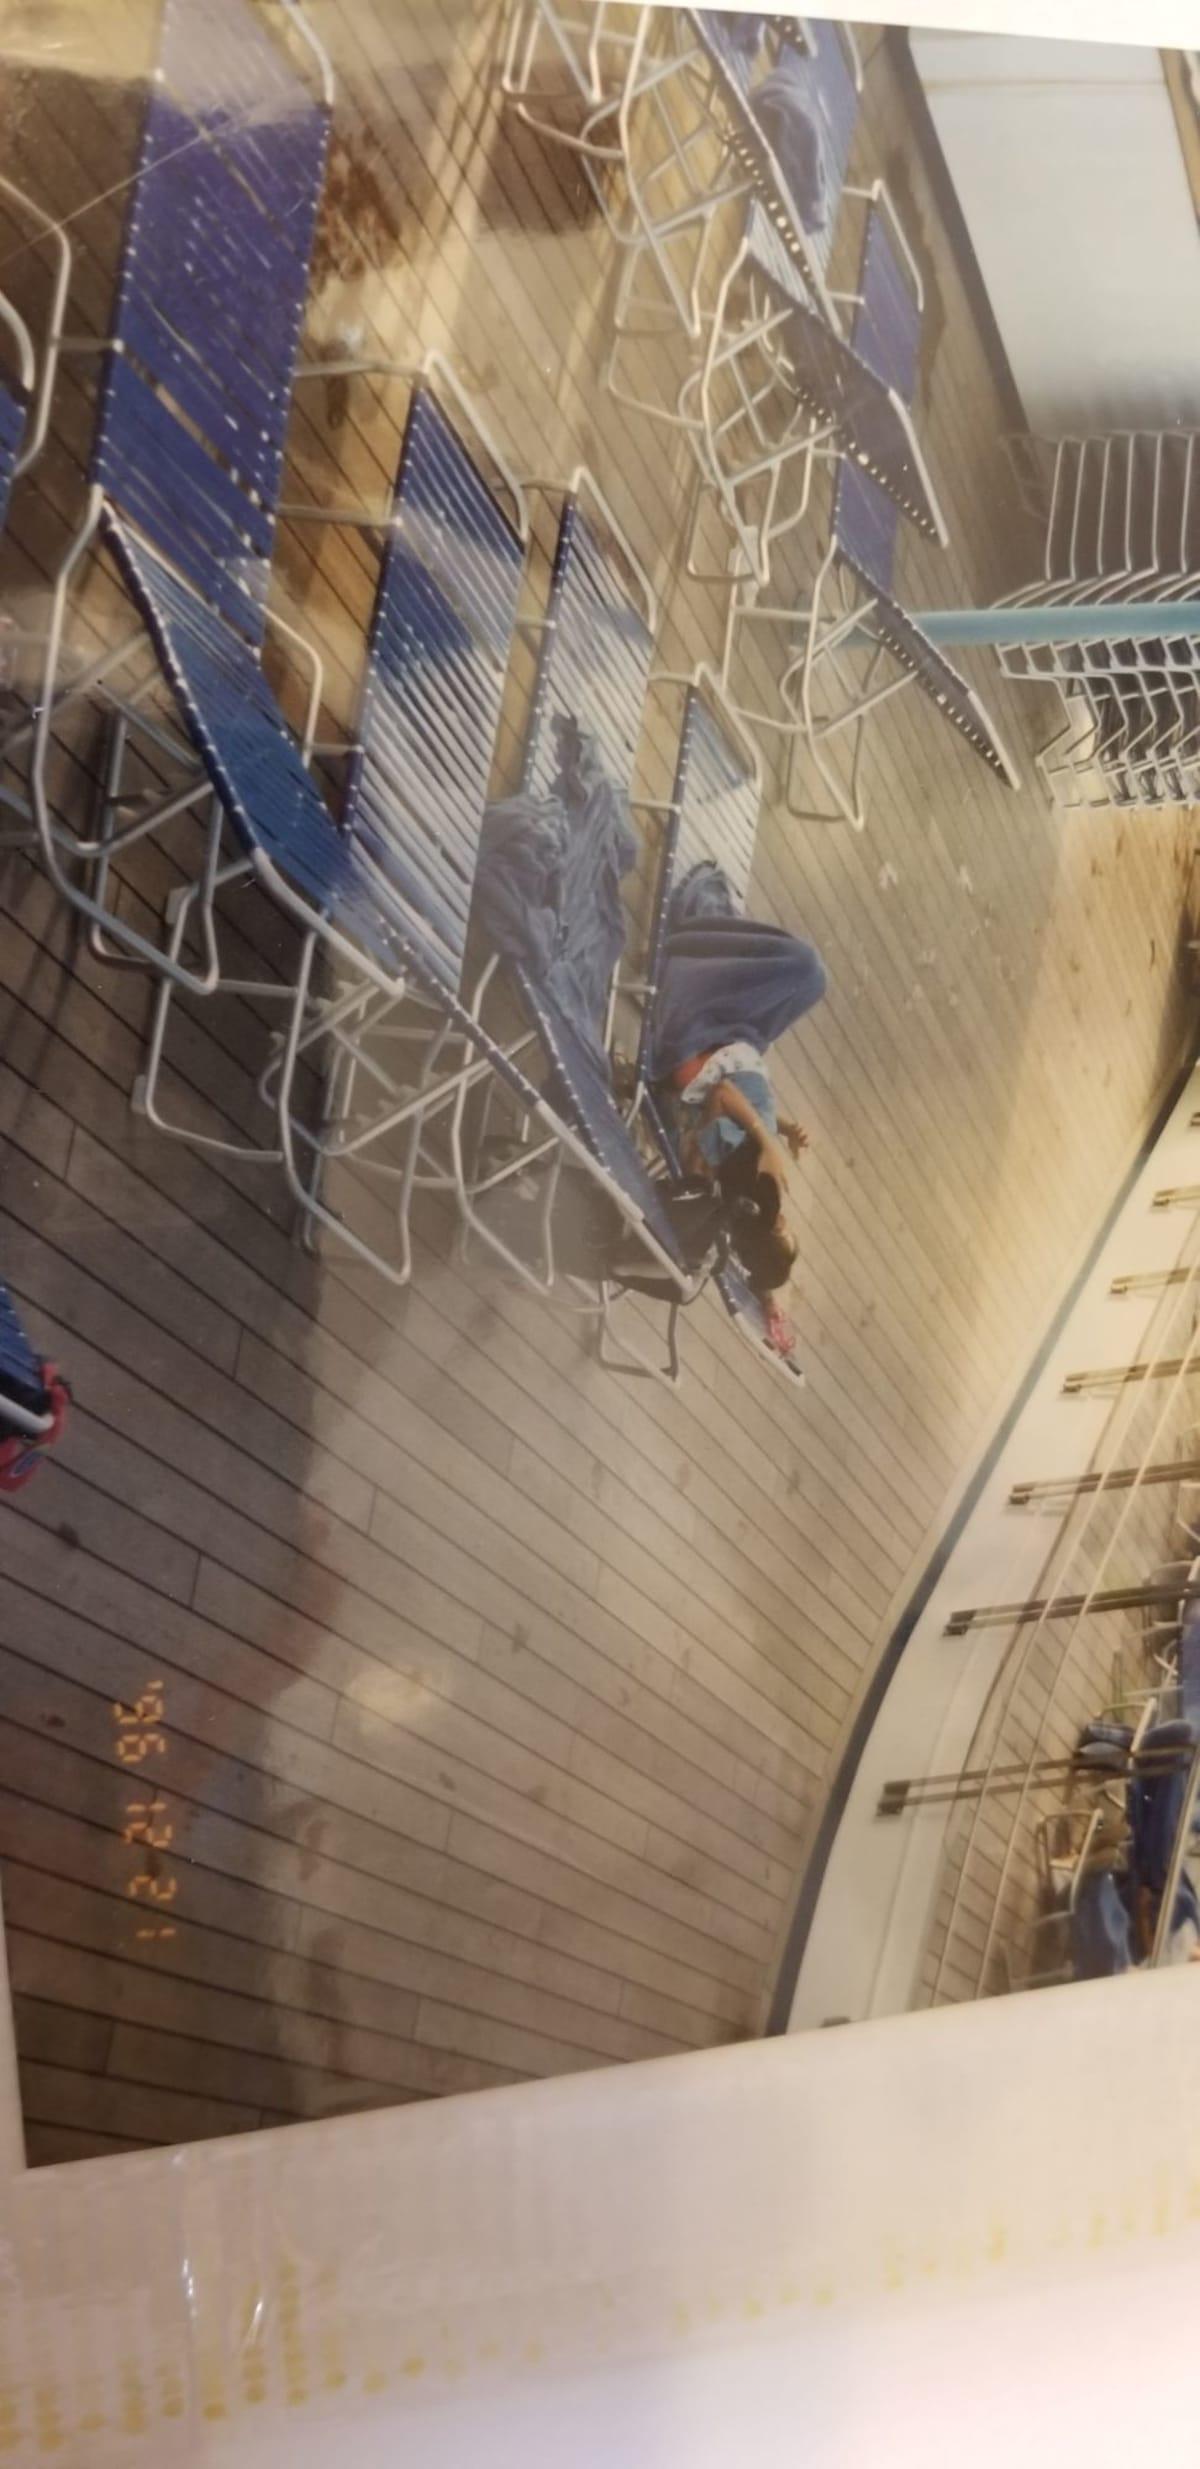 デッキで日光浴 | 客船カーニバル・デスティニーの船内施設